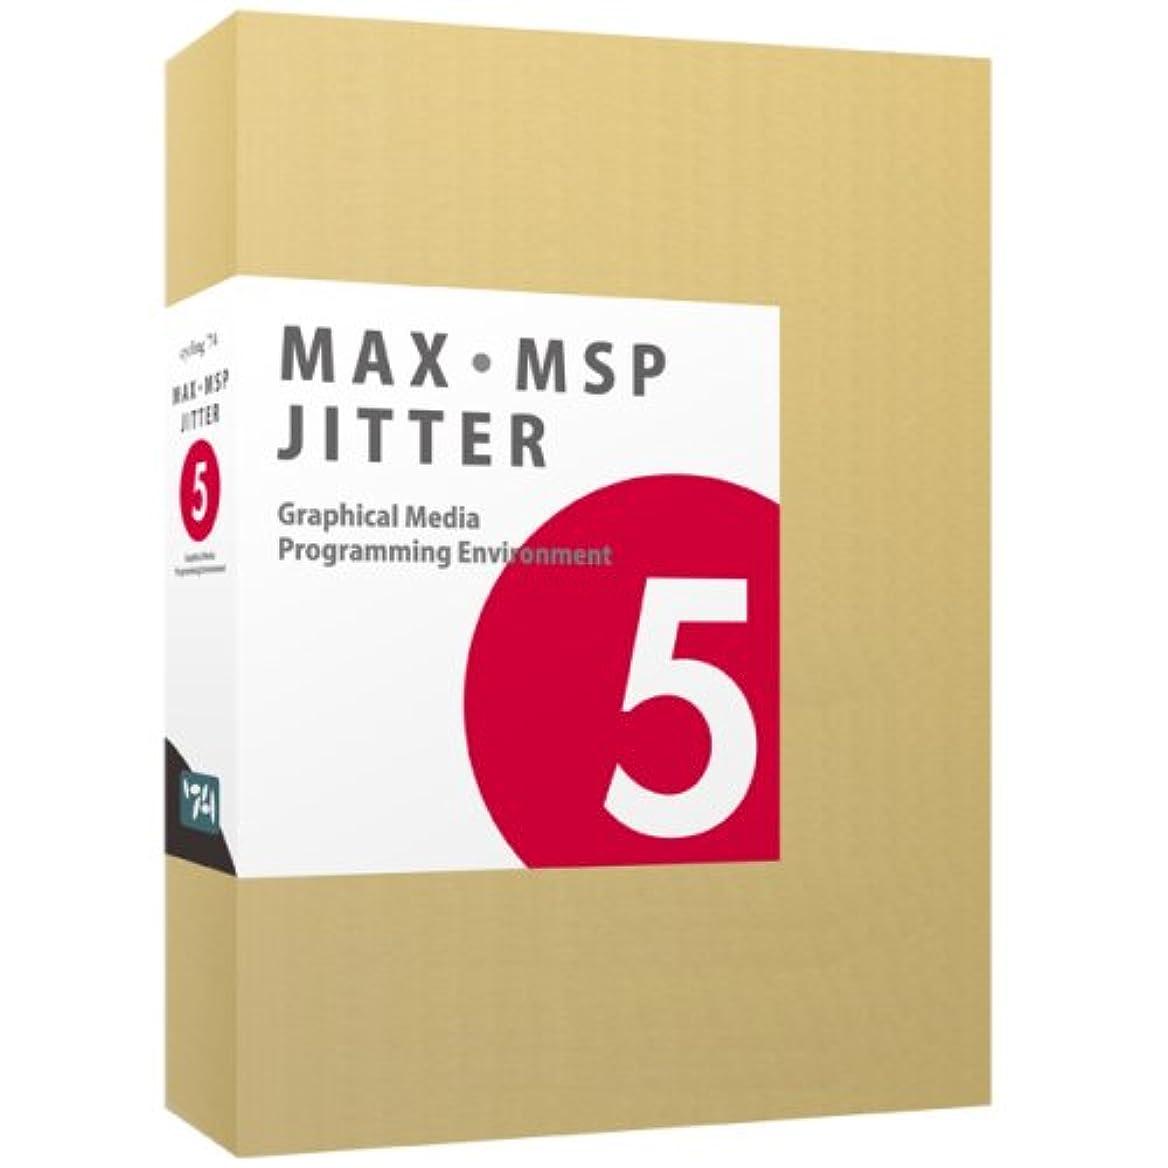 挑むボイコットサージMax/MSP 5 + Jitter 日本語版